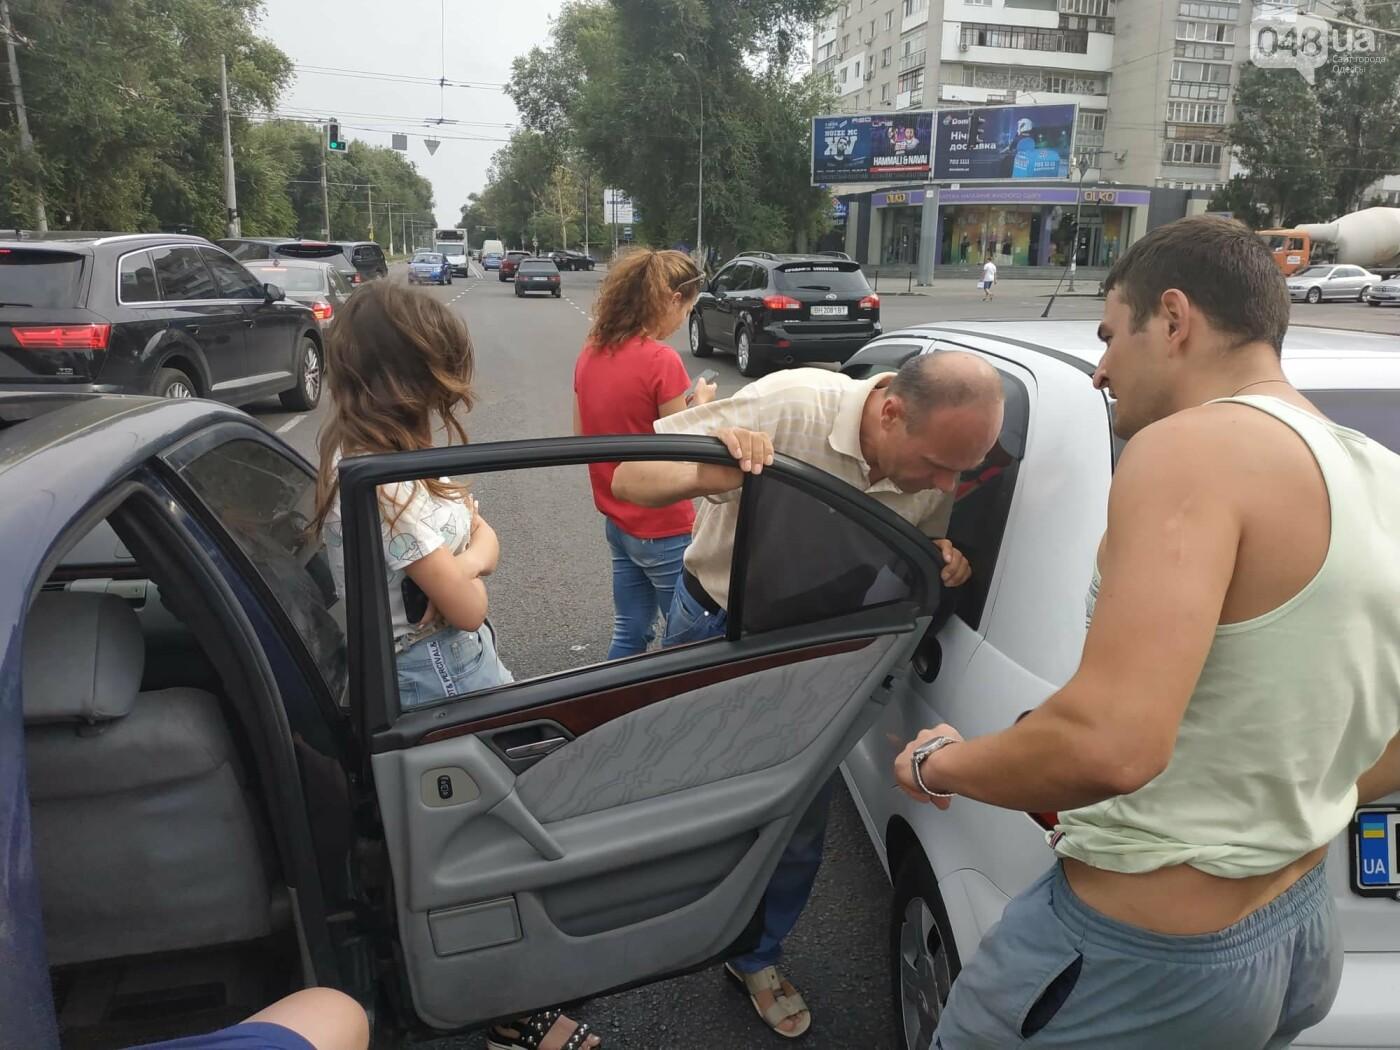 """Пассажир, """"выпрыгнувший"""" посреди дороги в Одессе: стали известны подробности ДТП, - ФОТО, фото-11"""